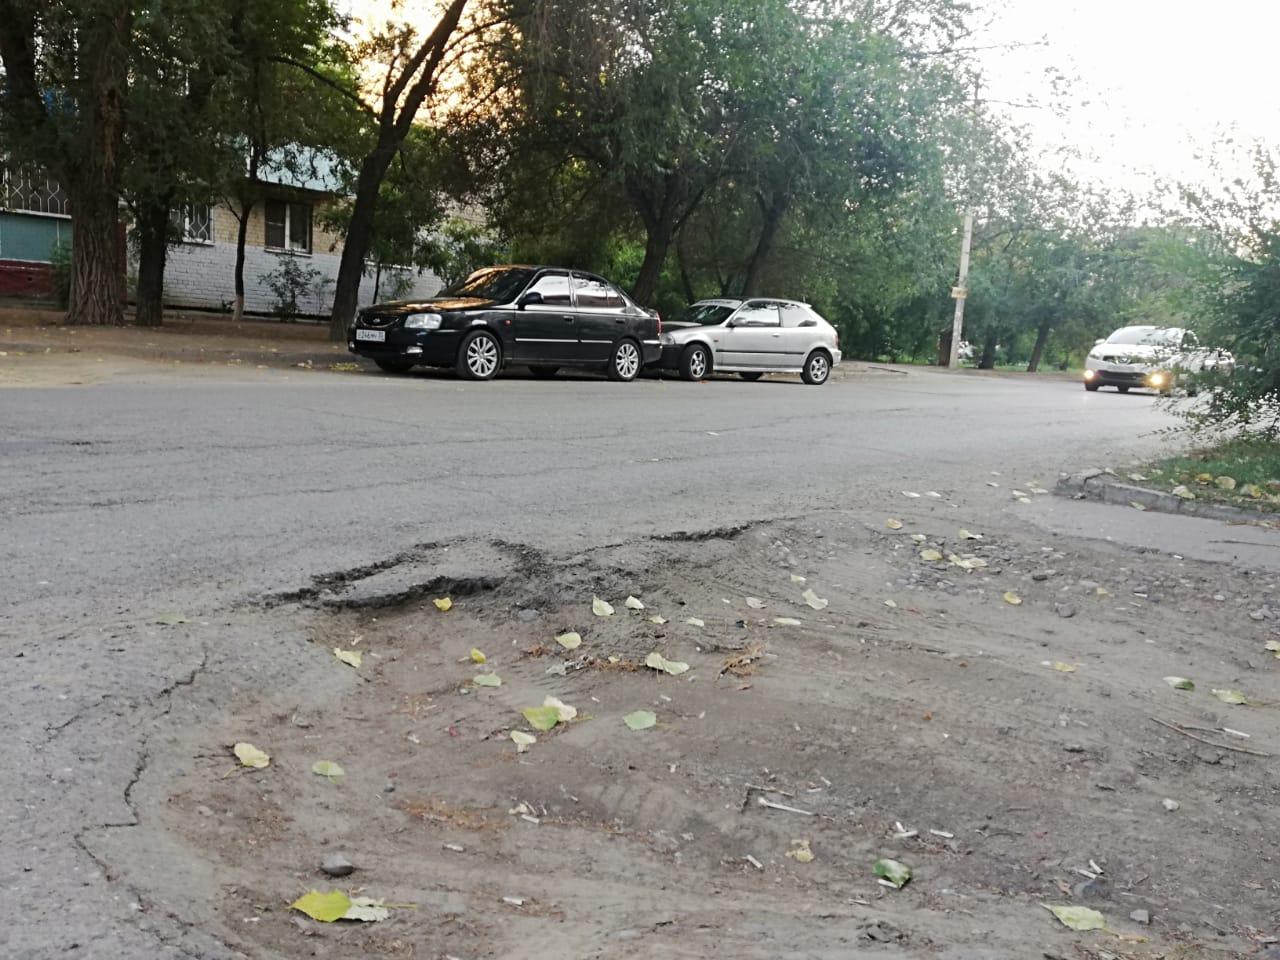 на ул. Ахшарумова в Астрахани 5 В Астрахани улица Ахшарумова может стать недоступной для автомобилистов